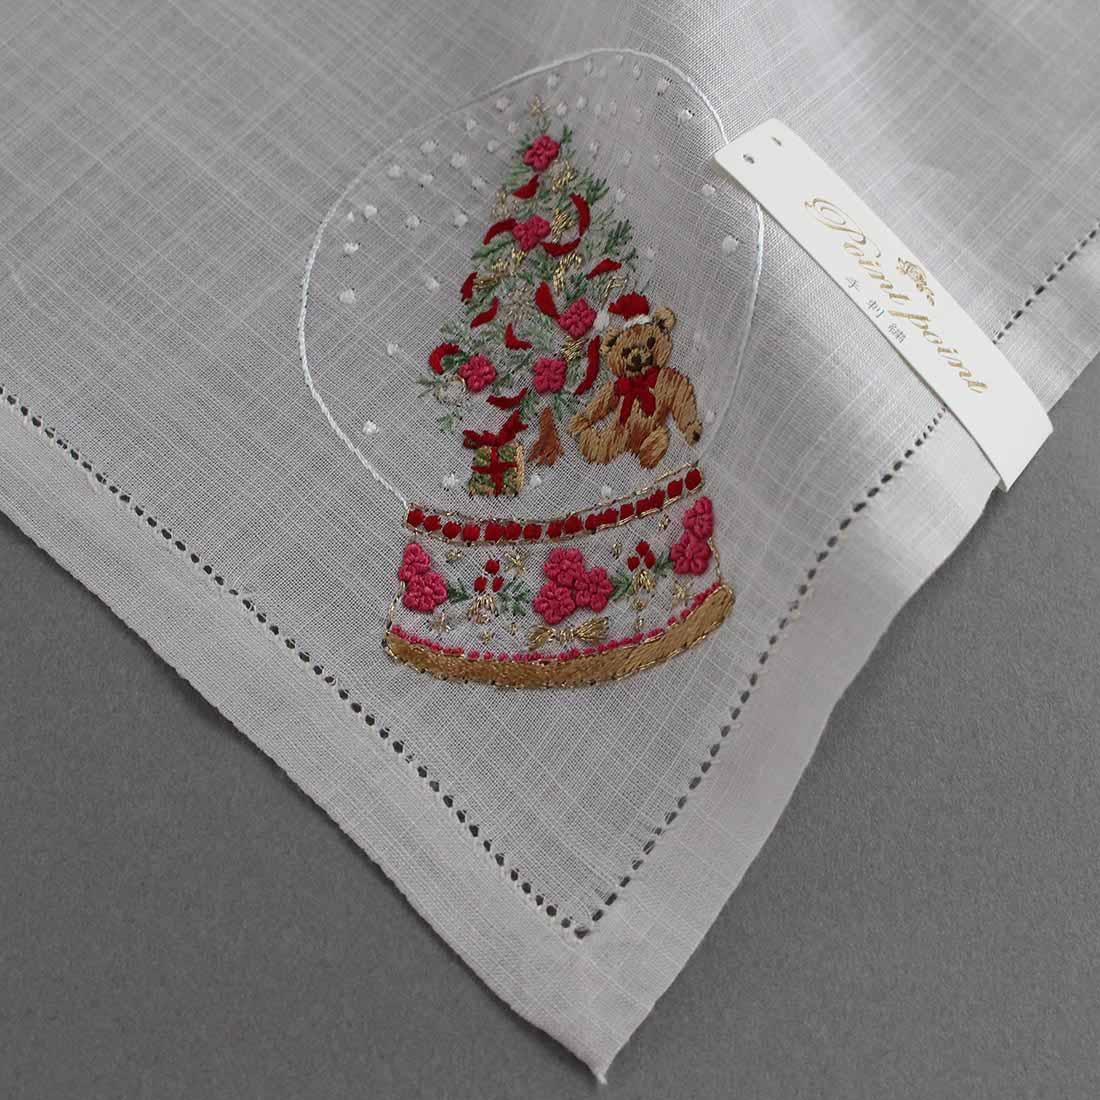 ポワンポワン ベトナム手刺繍ハンカチ Xmas 6701-40 ツリー グレー